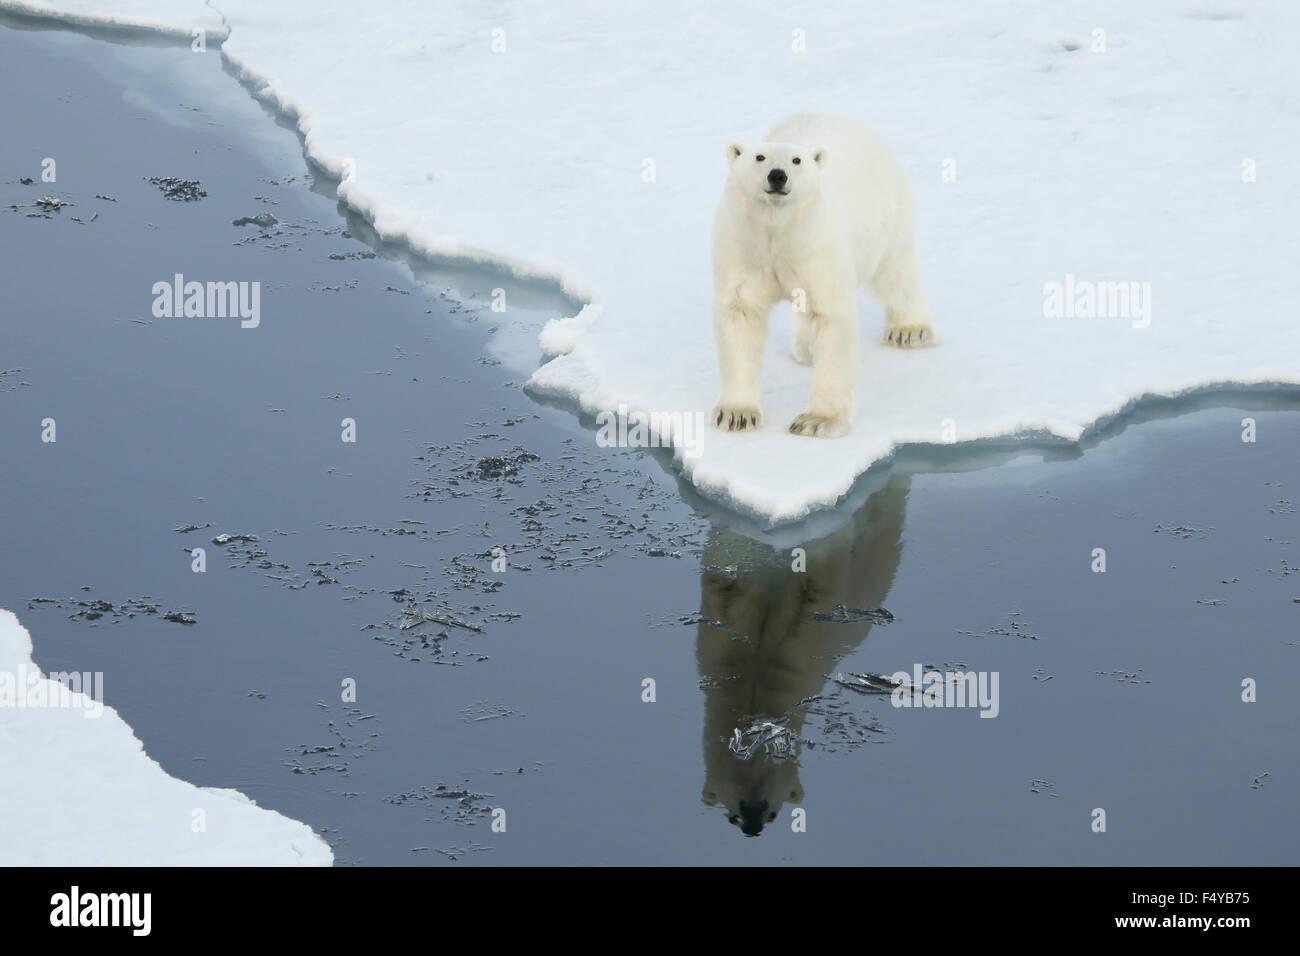 Grönland, Scoresby Sound, Eisbär steht am Rande des Meereises, blickte mit Spiegelbild im Wasser. Stockbild